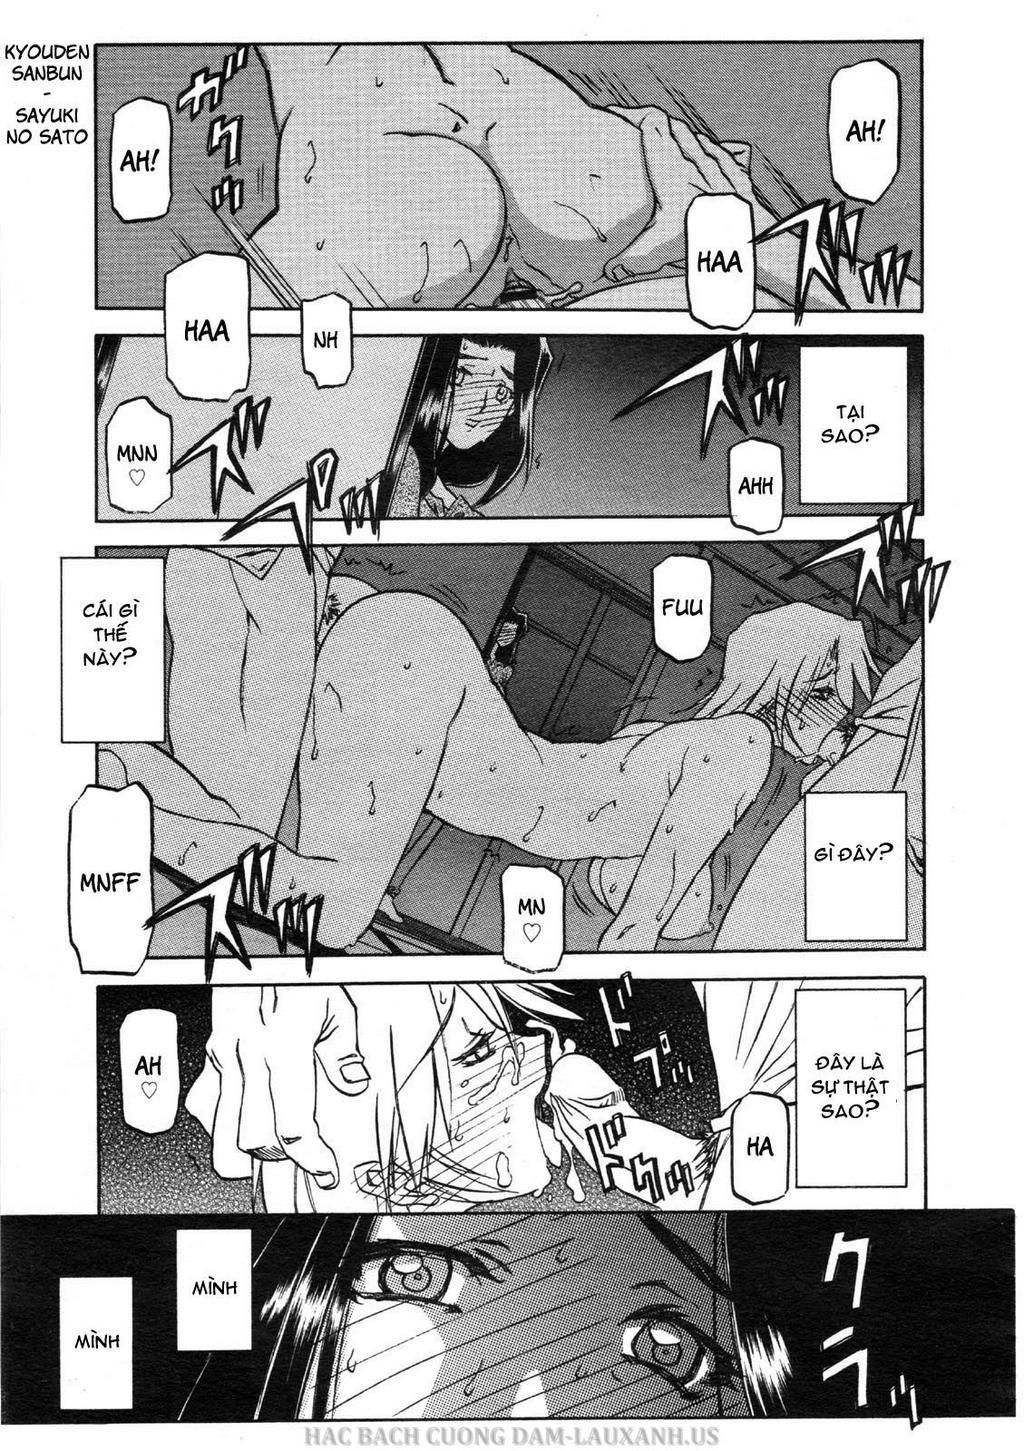 Hình ảnh hentailxers.blogspot.com0018 in Manga H Sayuki no Sato